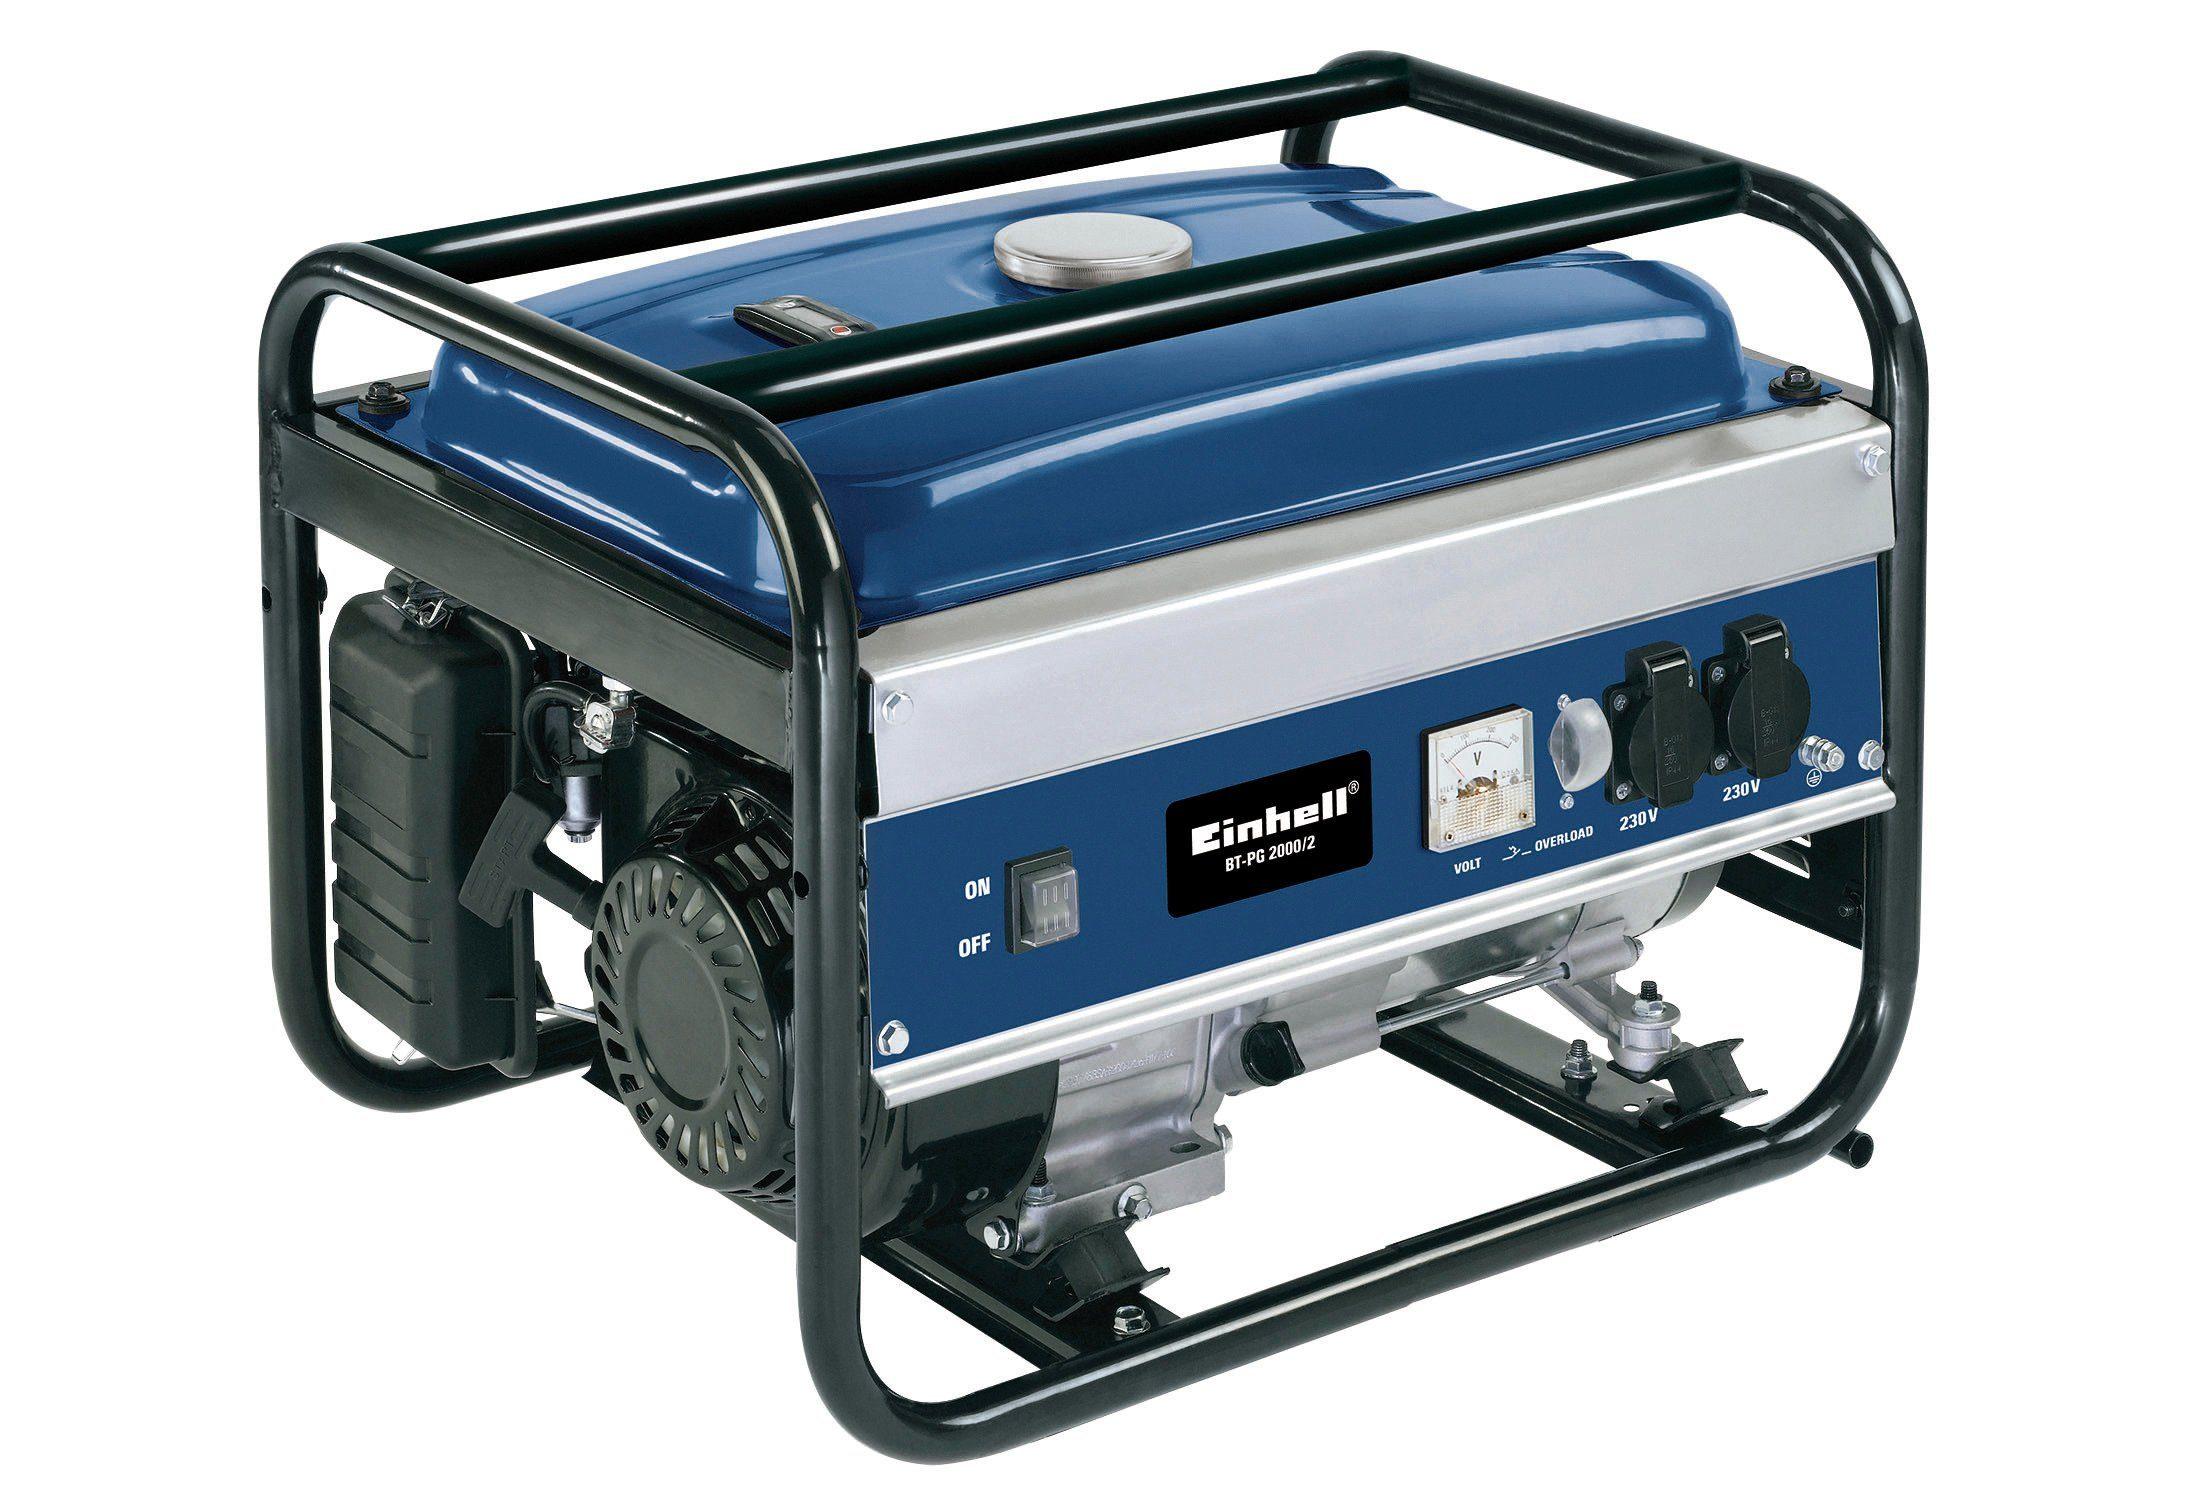 Einhell Stromerzeuger »BT-PG 2000/2«